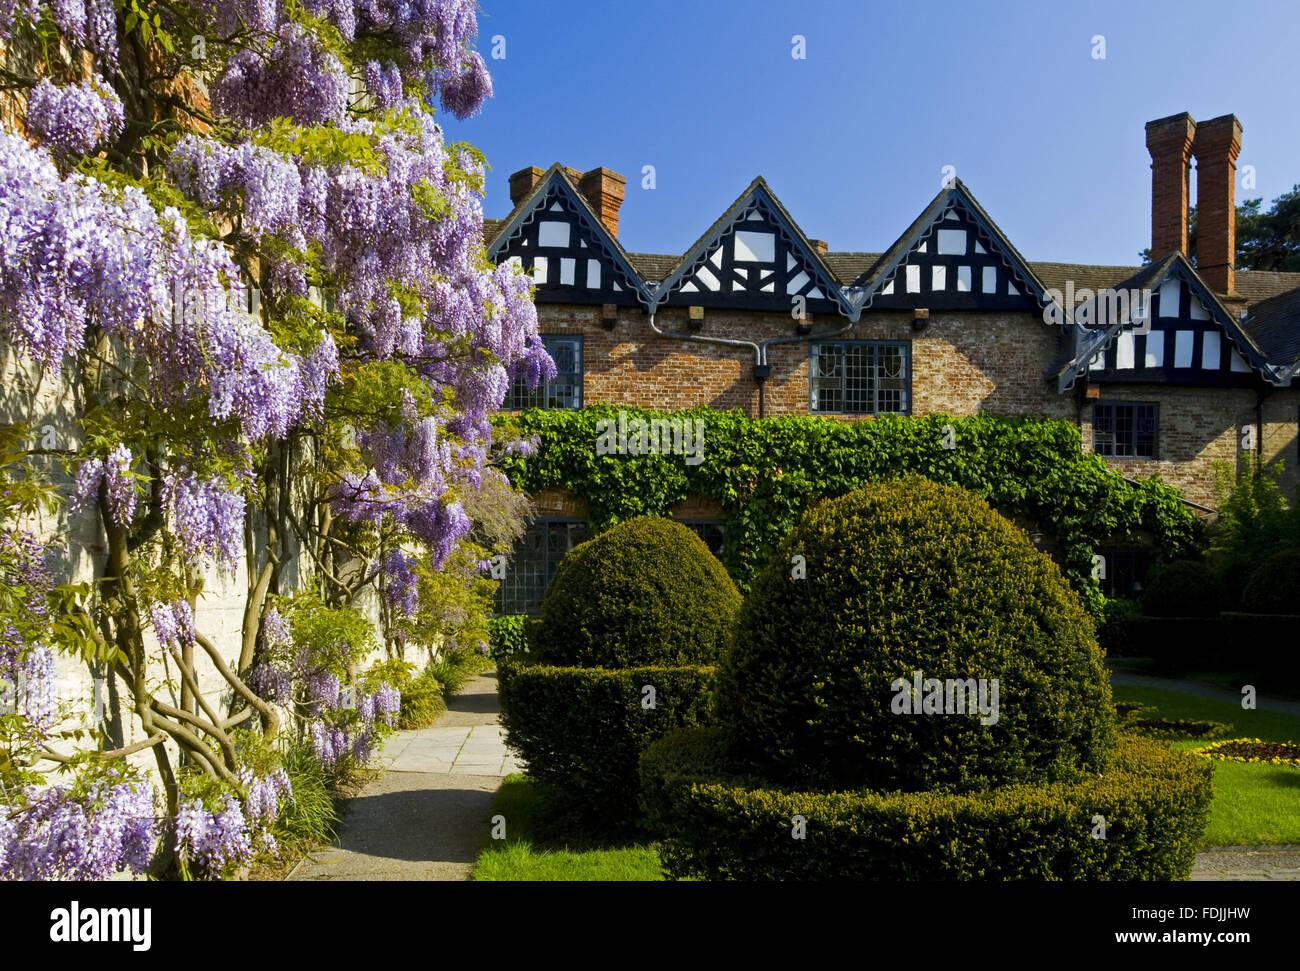 Glycine et topiaires dans la cour en mai à Baddesley Clinton, Warwickshire. Banque D'Images